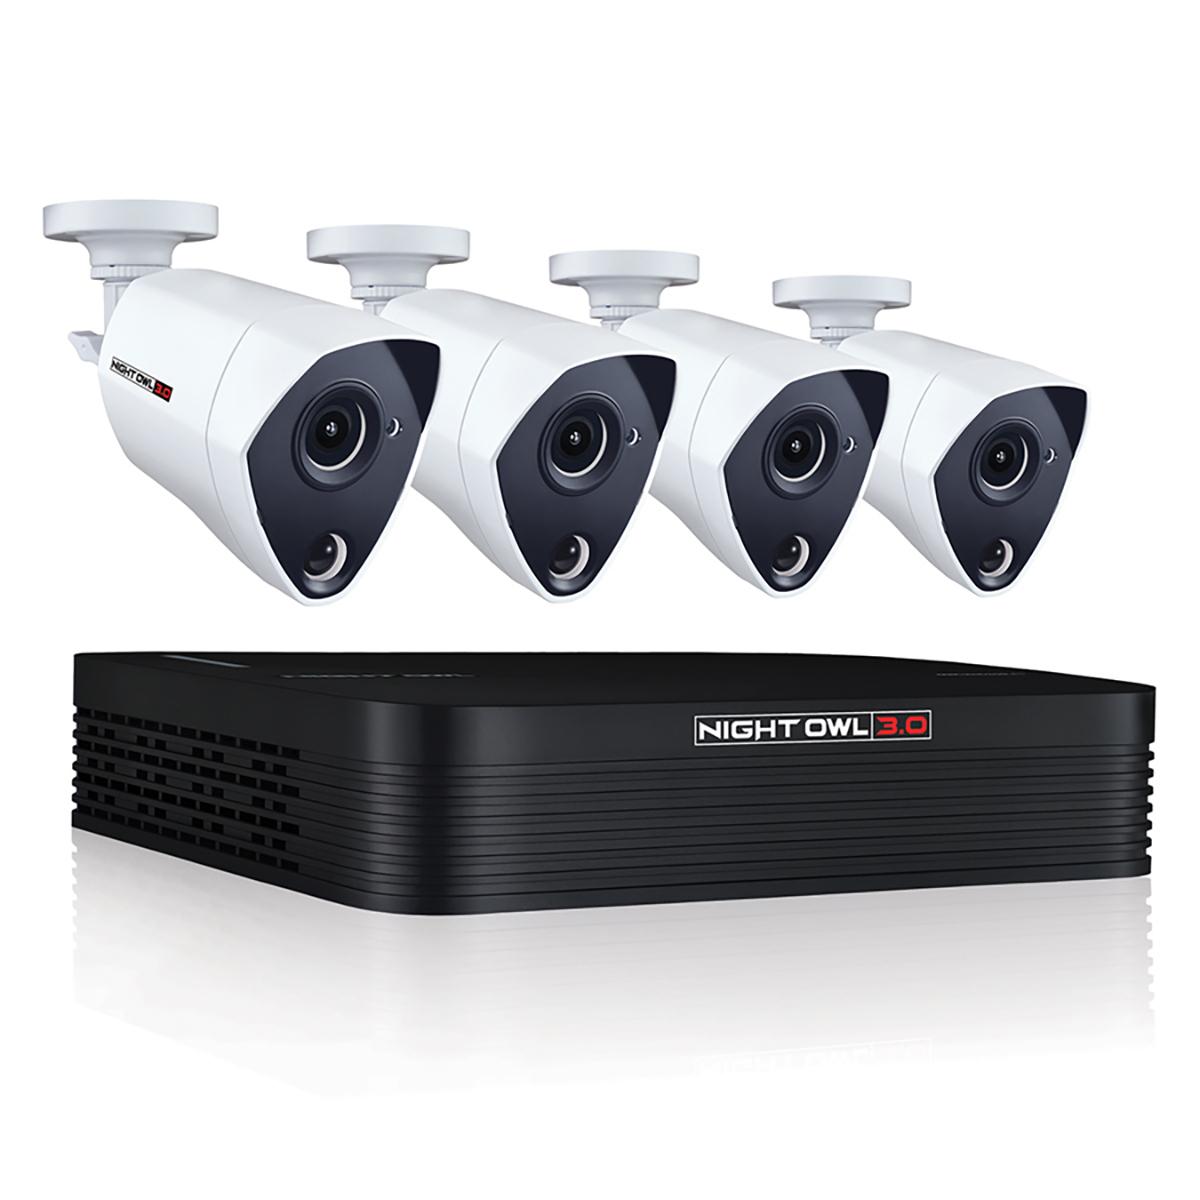 Costco: Night Owl Extreme HD sistema de seguridad 8 canales 4 cámaras PIR 3MP de alta definición